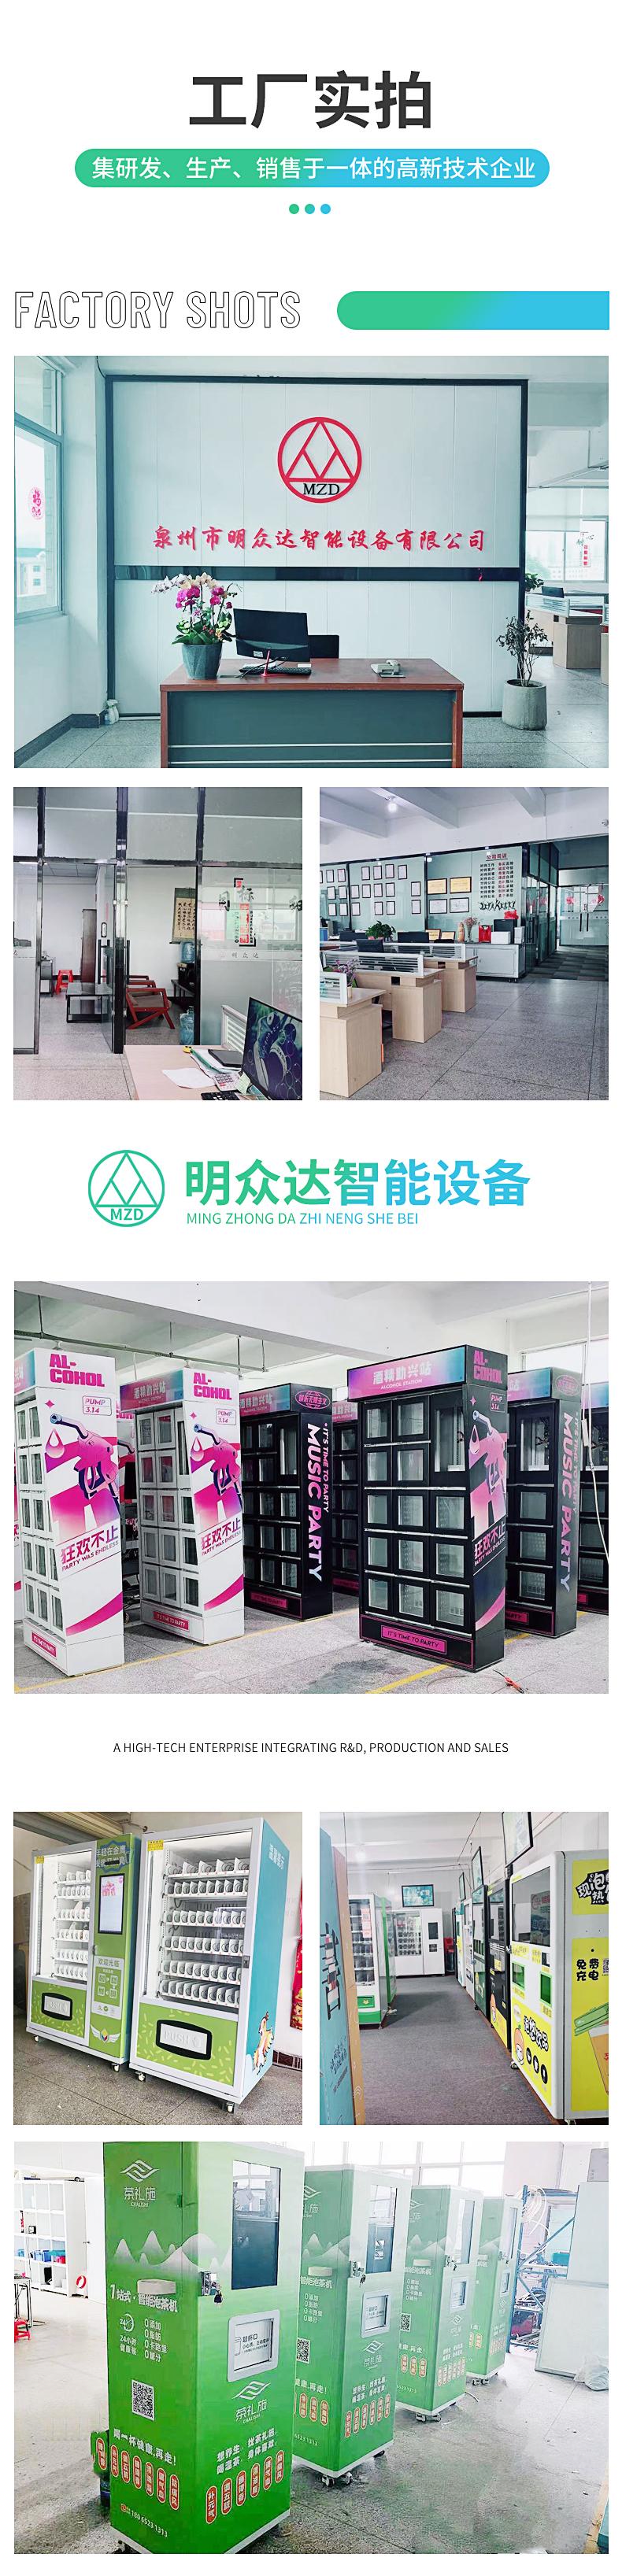 福建自动贩卖药柜